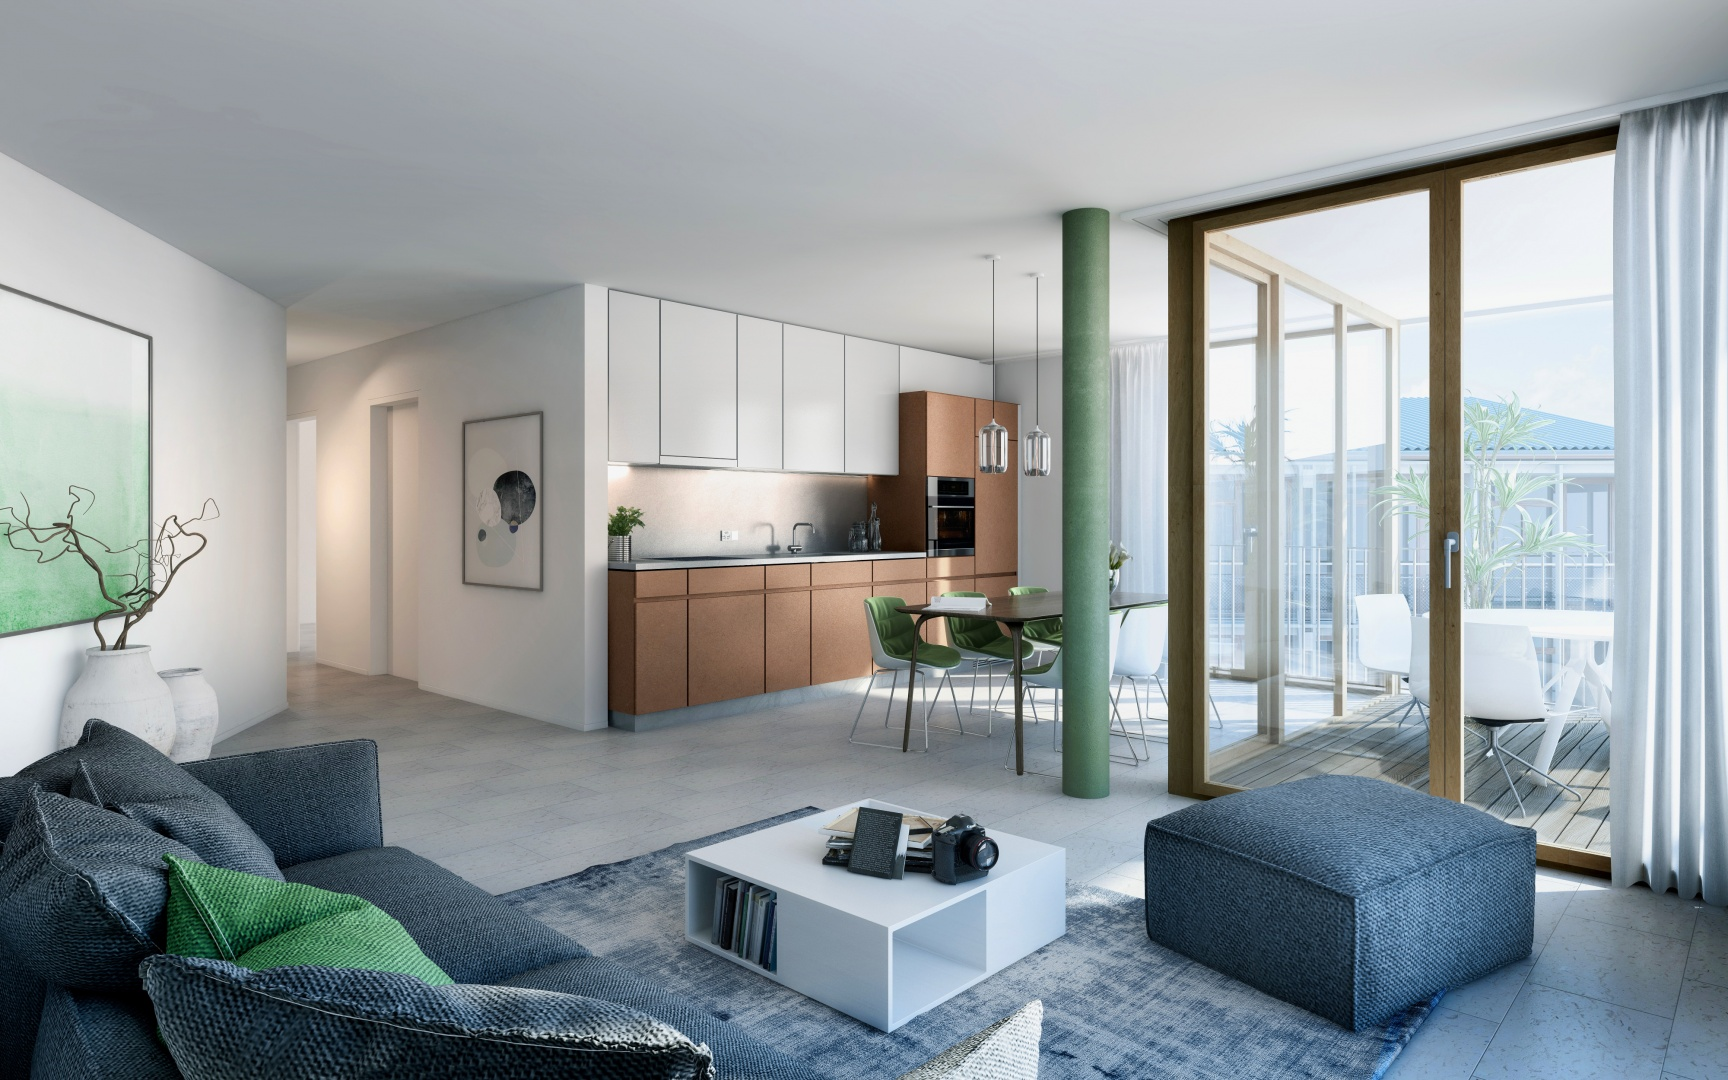 Vue sur le salon d'un appartement 3 pièces sur la Hebelstrasse. Cuisine, coin repas et salon s'articulent  autour d'une vaste loggia donnant côté jardin. © Esch Sintzel